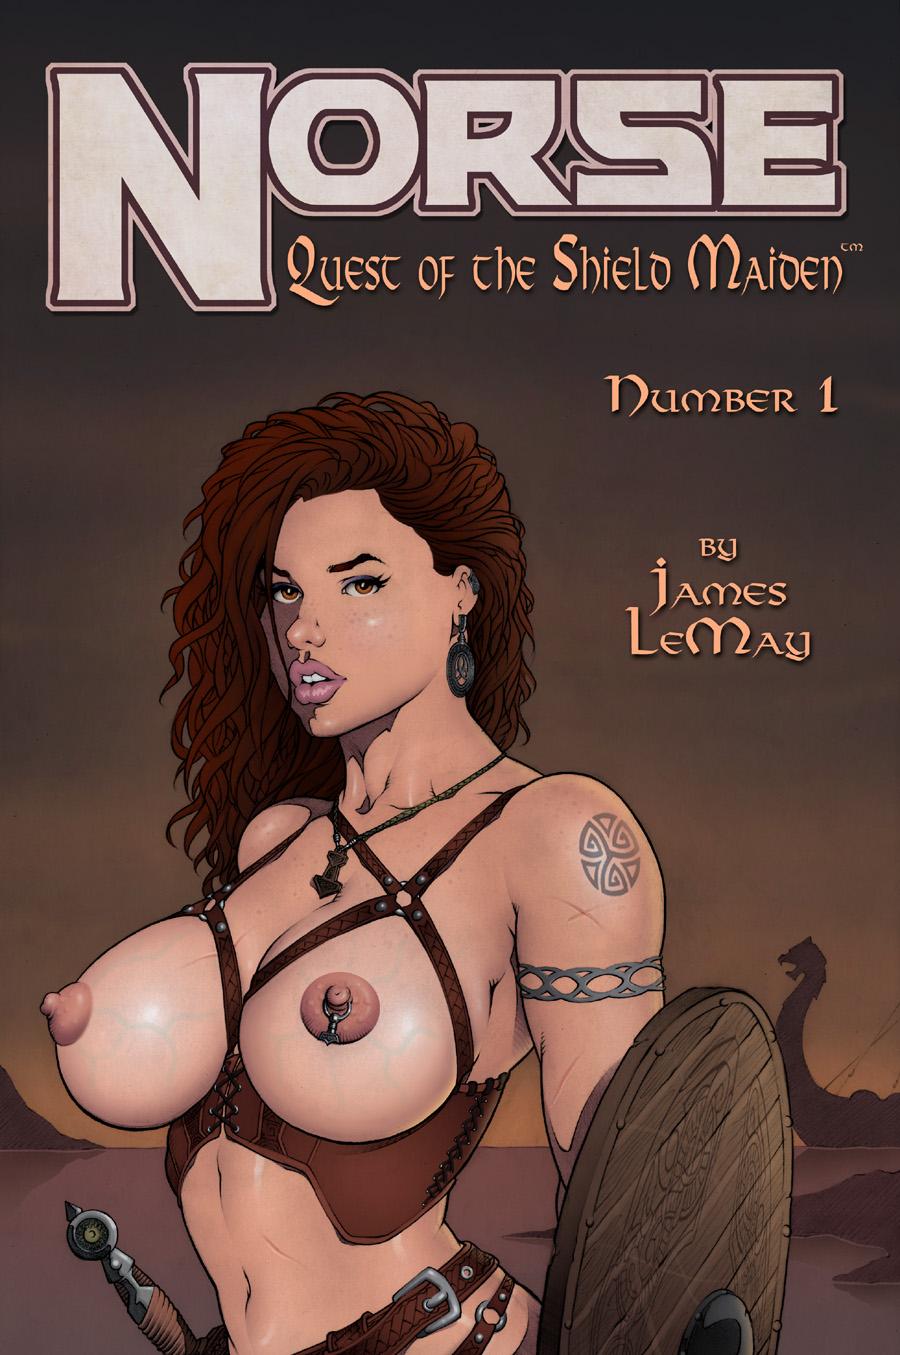 노르웨이 - 퀘스트 의 이 Shield maiden